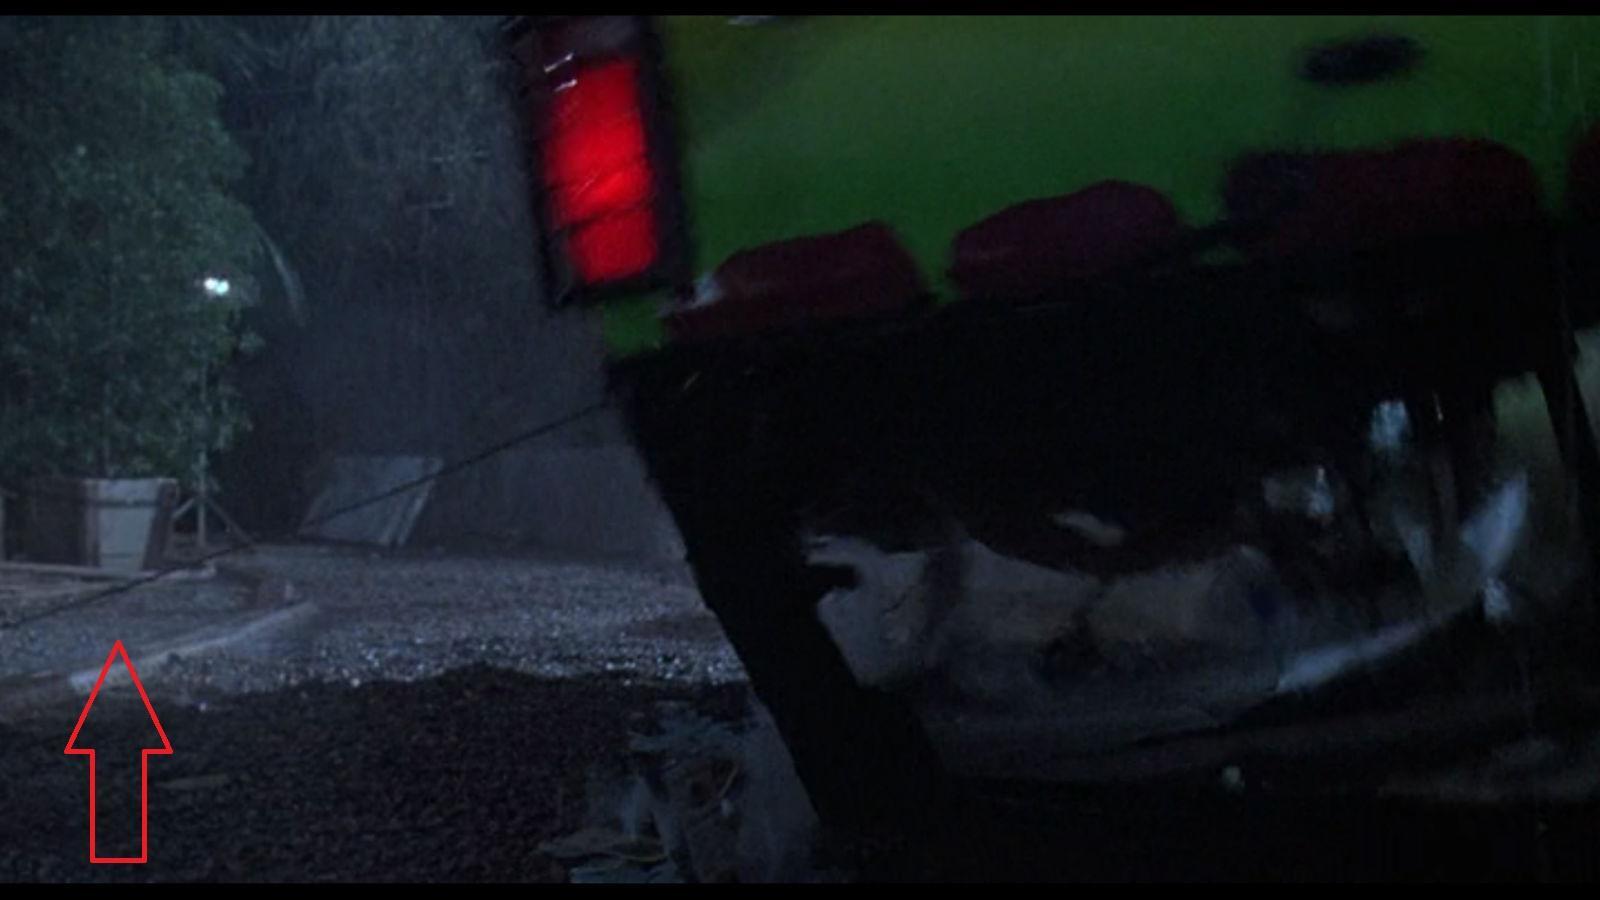 Jól figyelj, amikor a T-rex meglöki a kocsit Lex-szel és Timmel, majd felborítja. Láthatod az egyik műfát tartó edényt és egy lámpát is! (Universal Pictures)